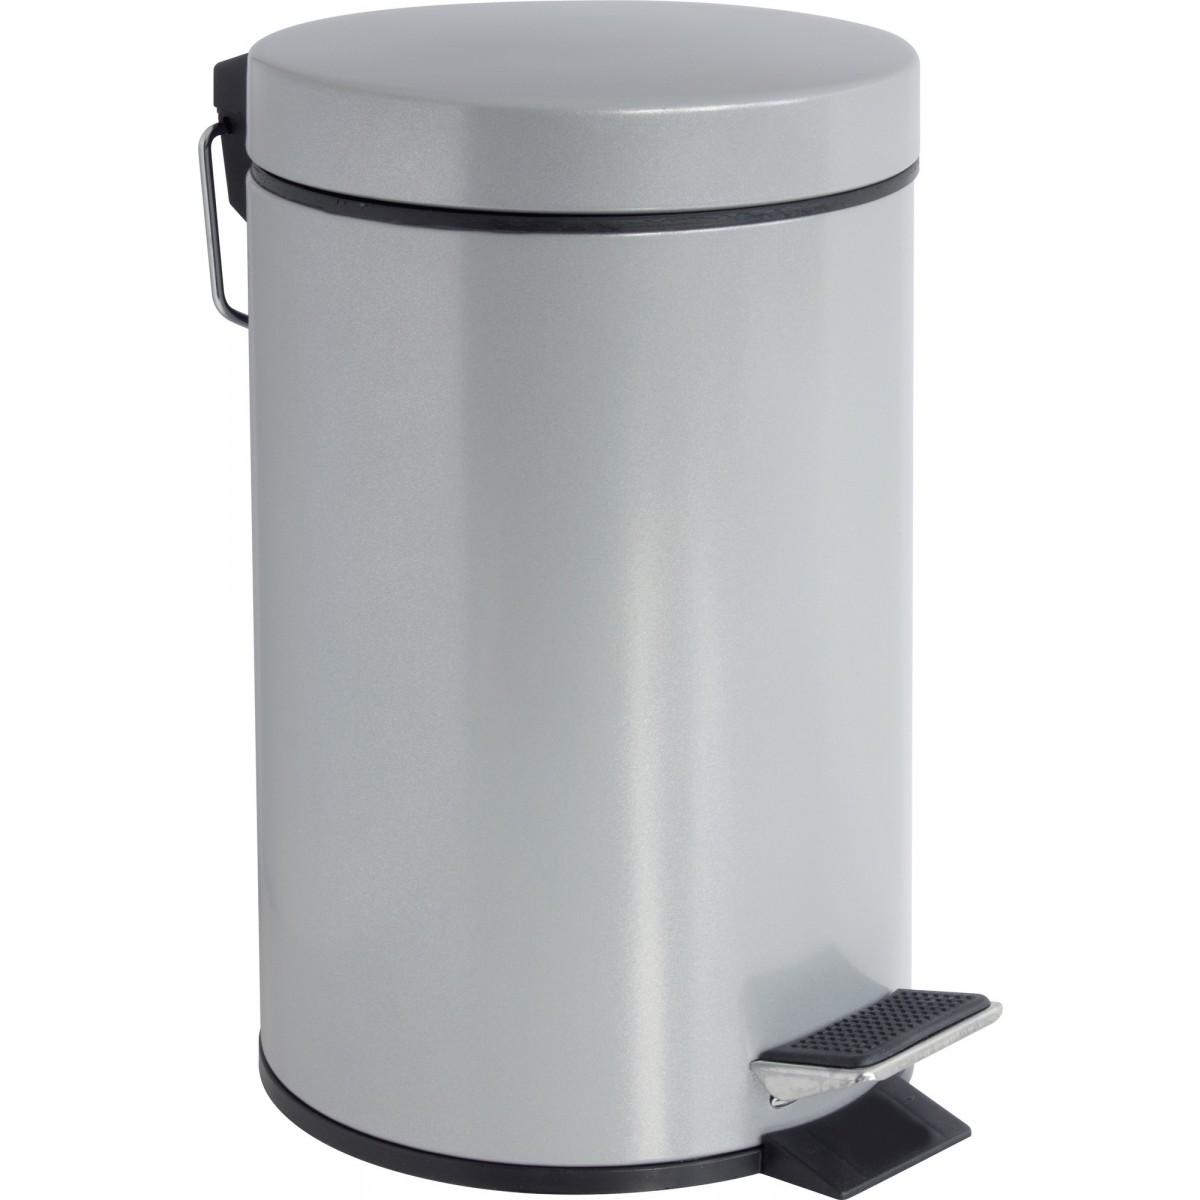 Poubelle à pédale Hally Gelco Design - Silver - 3 l